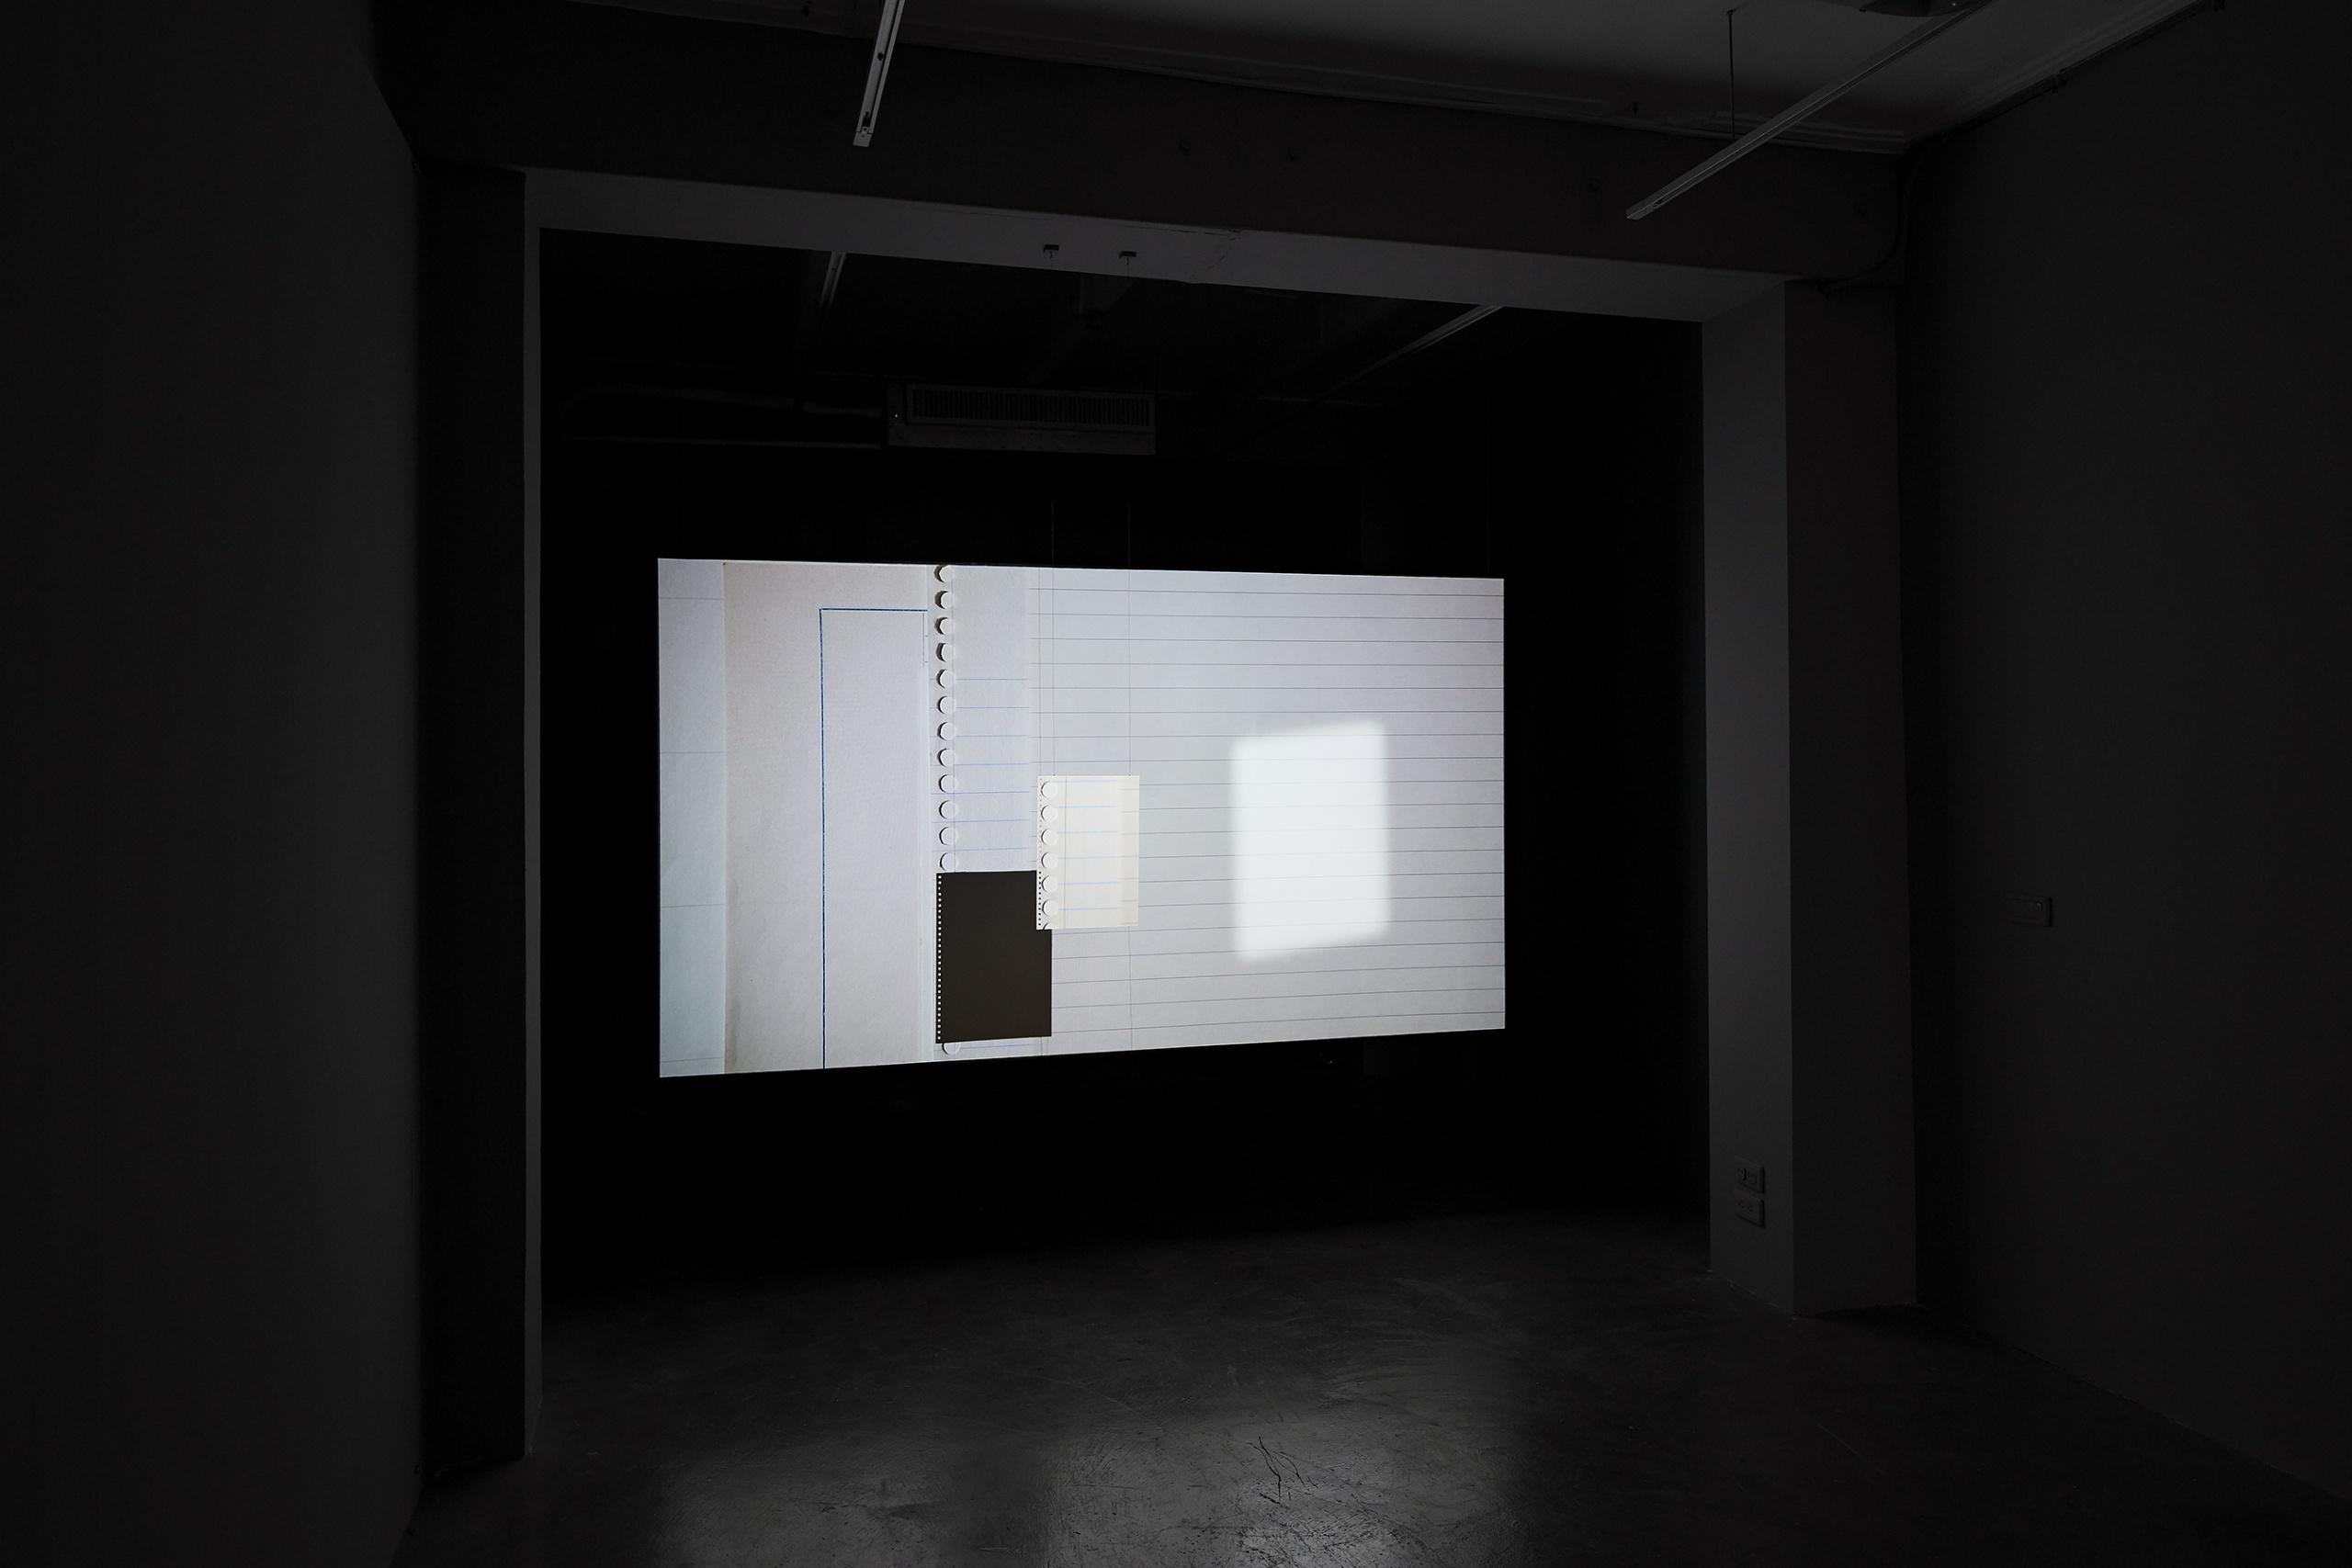 王雅慧,《筆記本》,264×148.5cm,單頻道錄像(9 分01 秒循環播放)/素描紙2020。 攝影|劉信佑